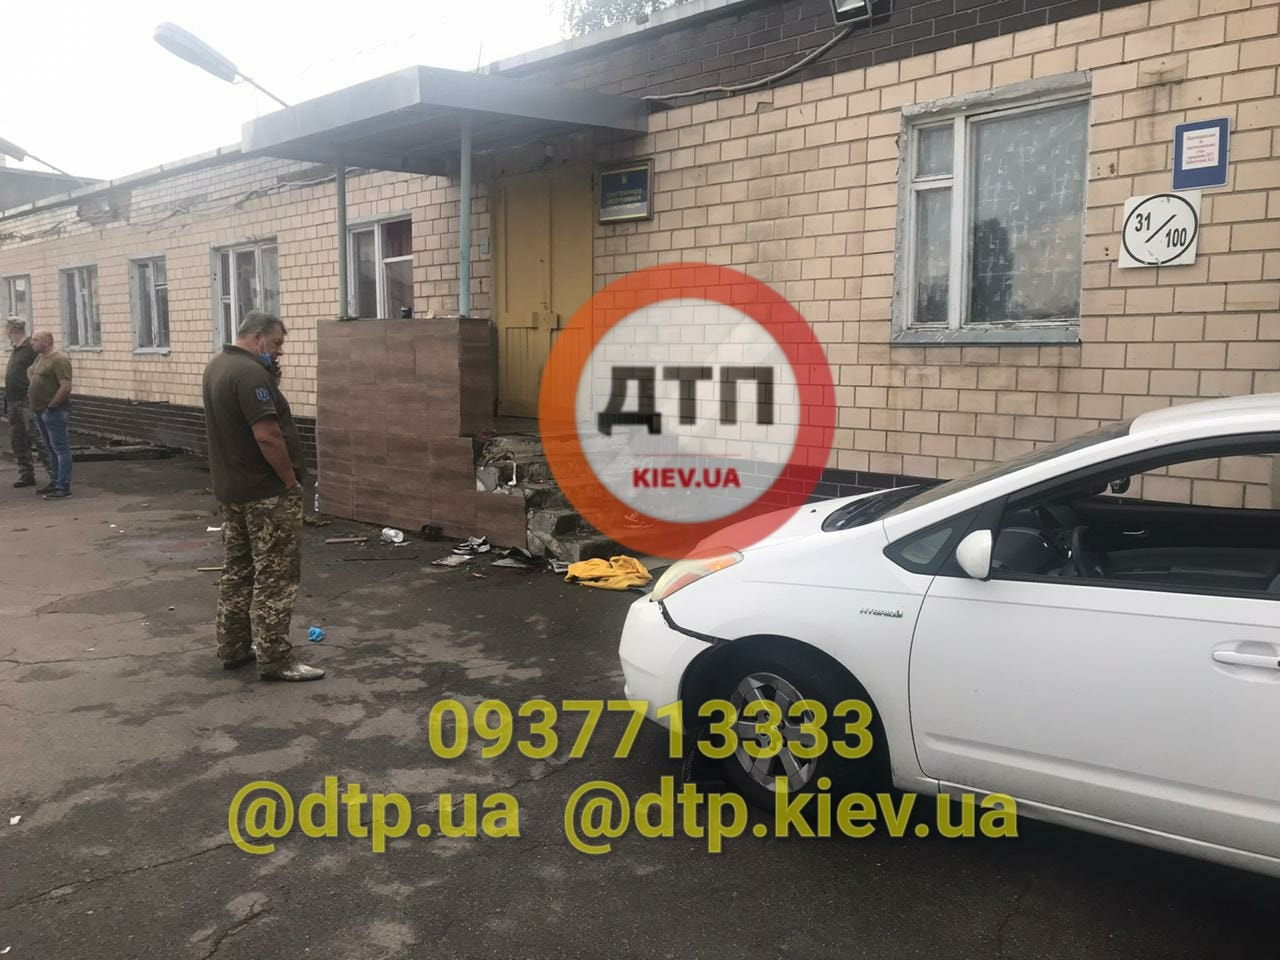 Жахлива ДТП: П'яний майор переїхав трьох жінок-офіцерів